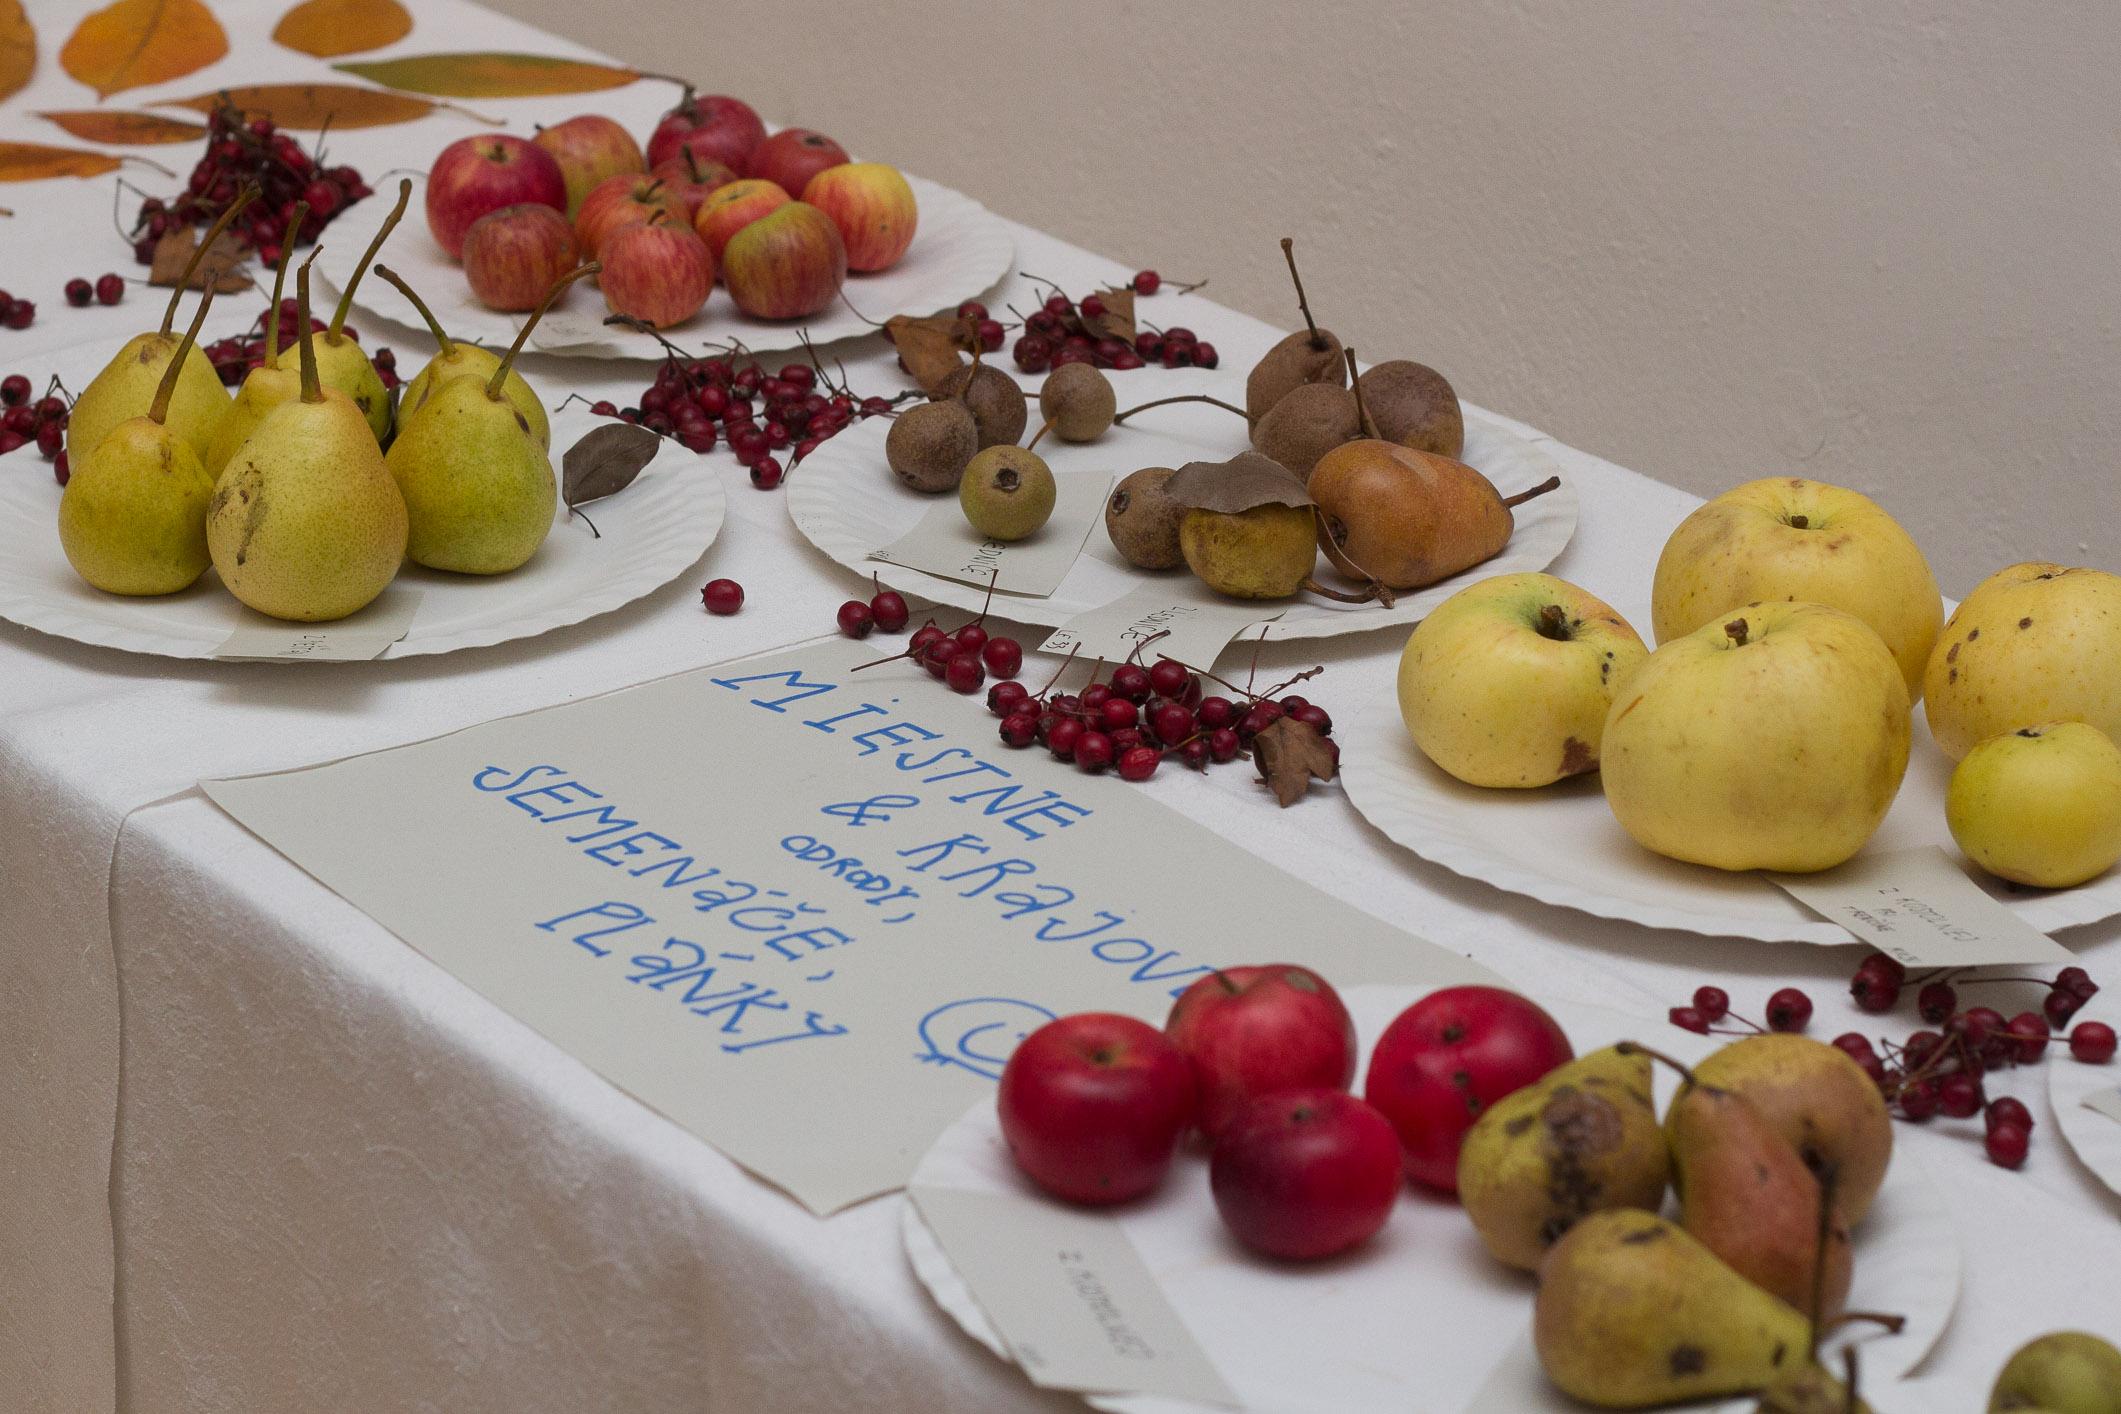 plodobranie-radnica-zvolen-3